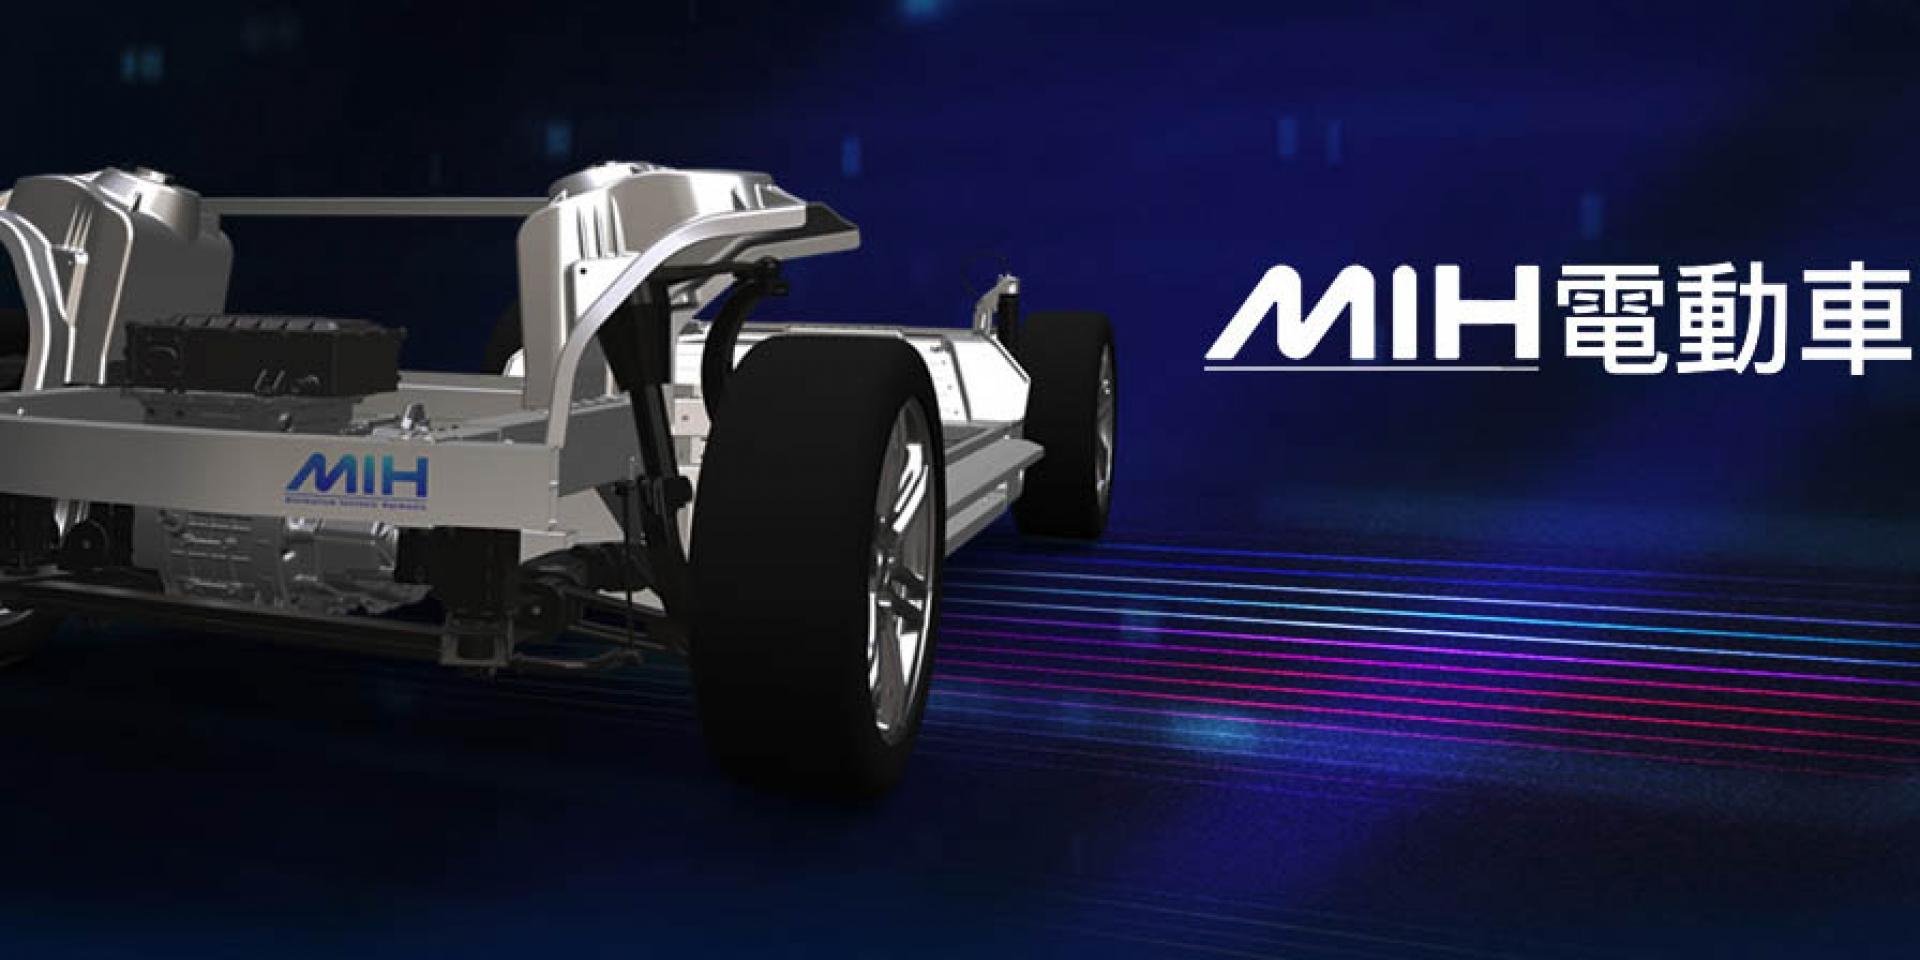 鴻海、裕隆電動車平台EV Kit規格公佈,攜手400間以上廠商打造電動聯盟